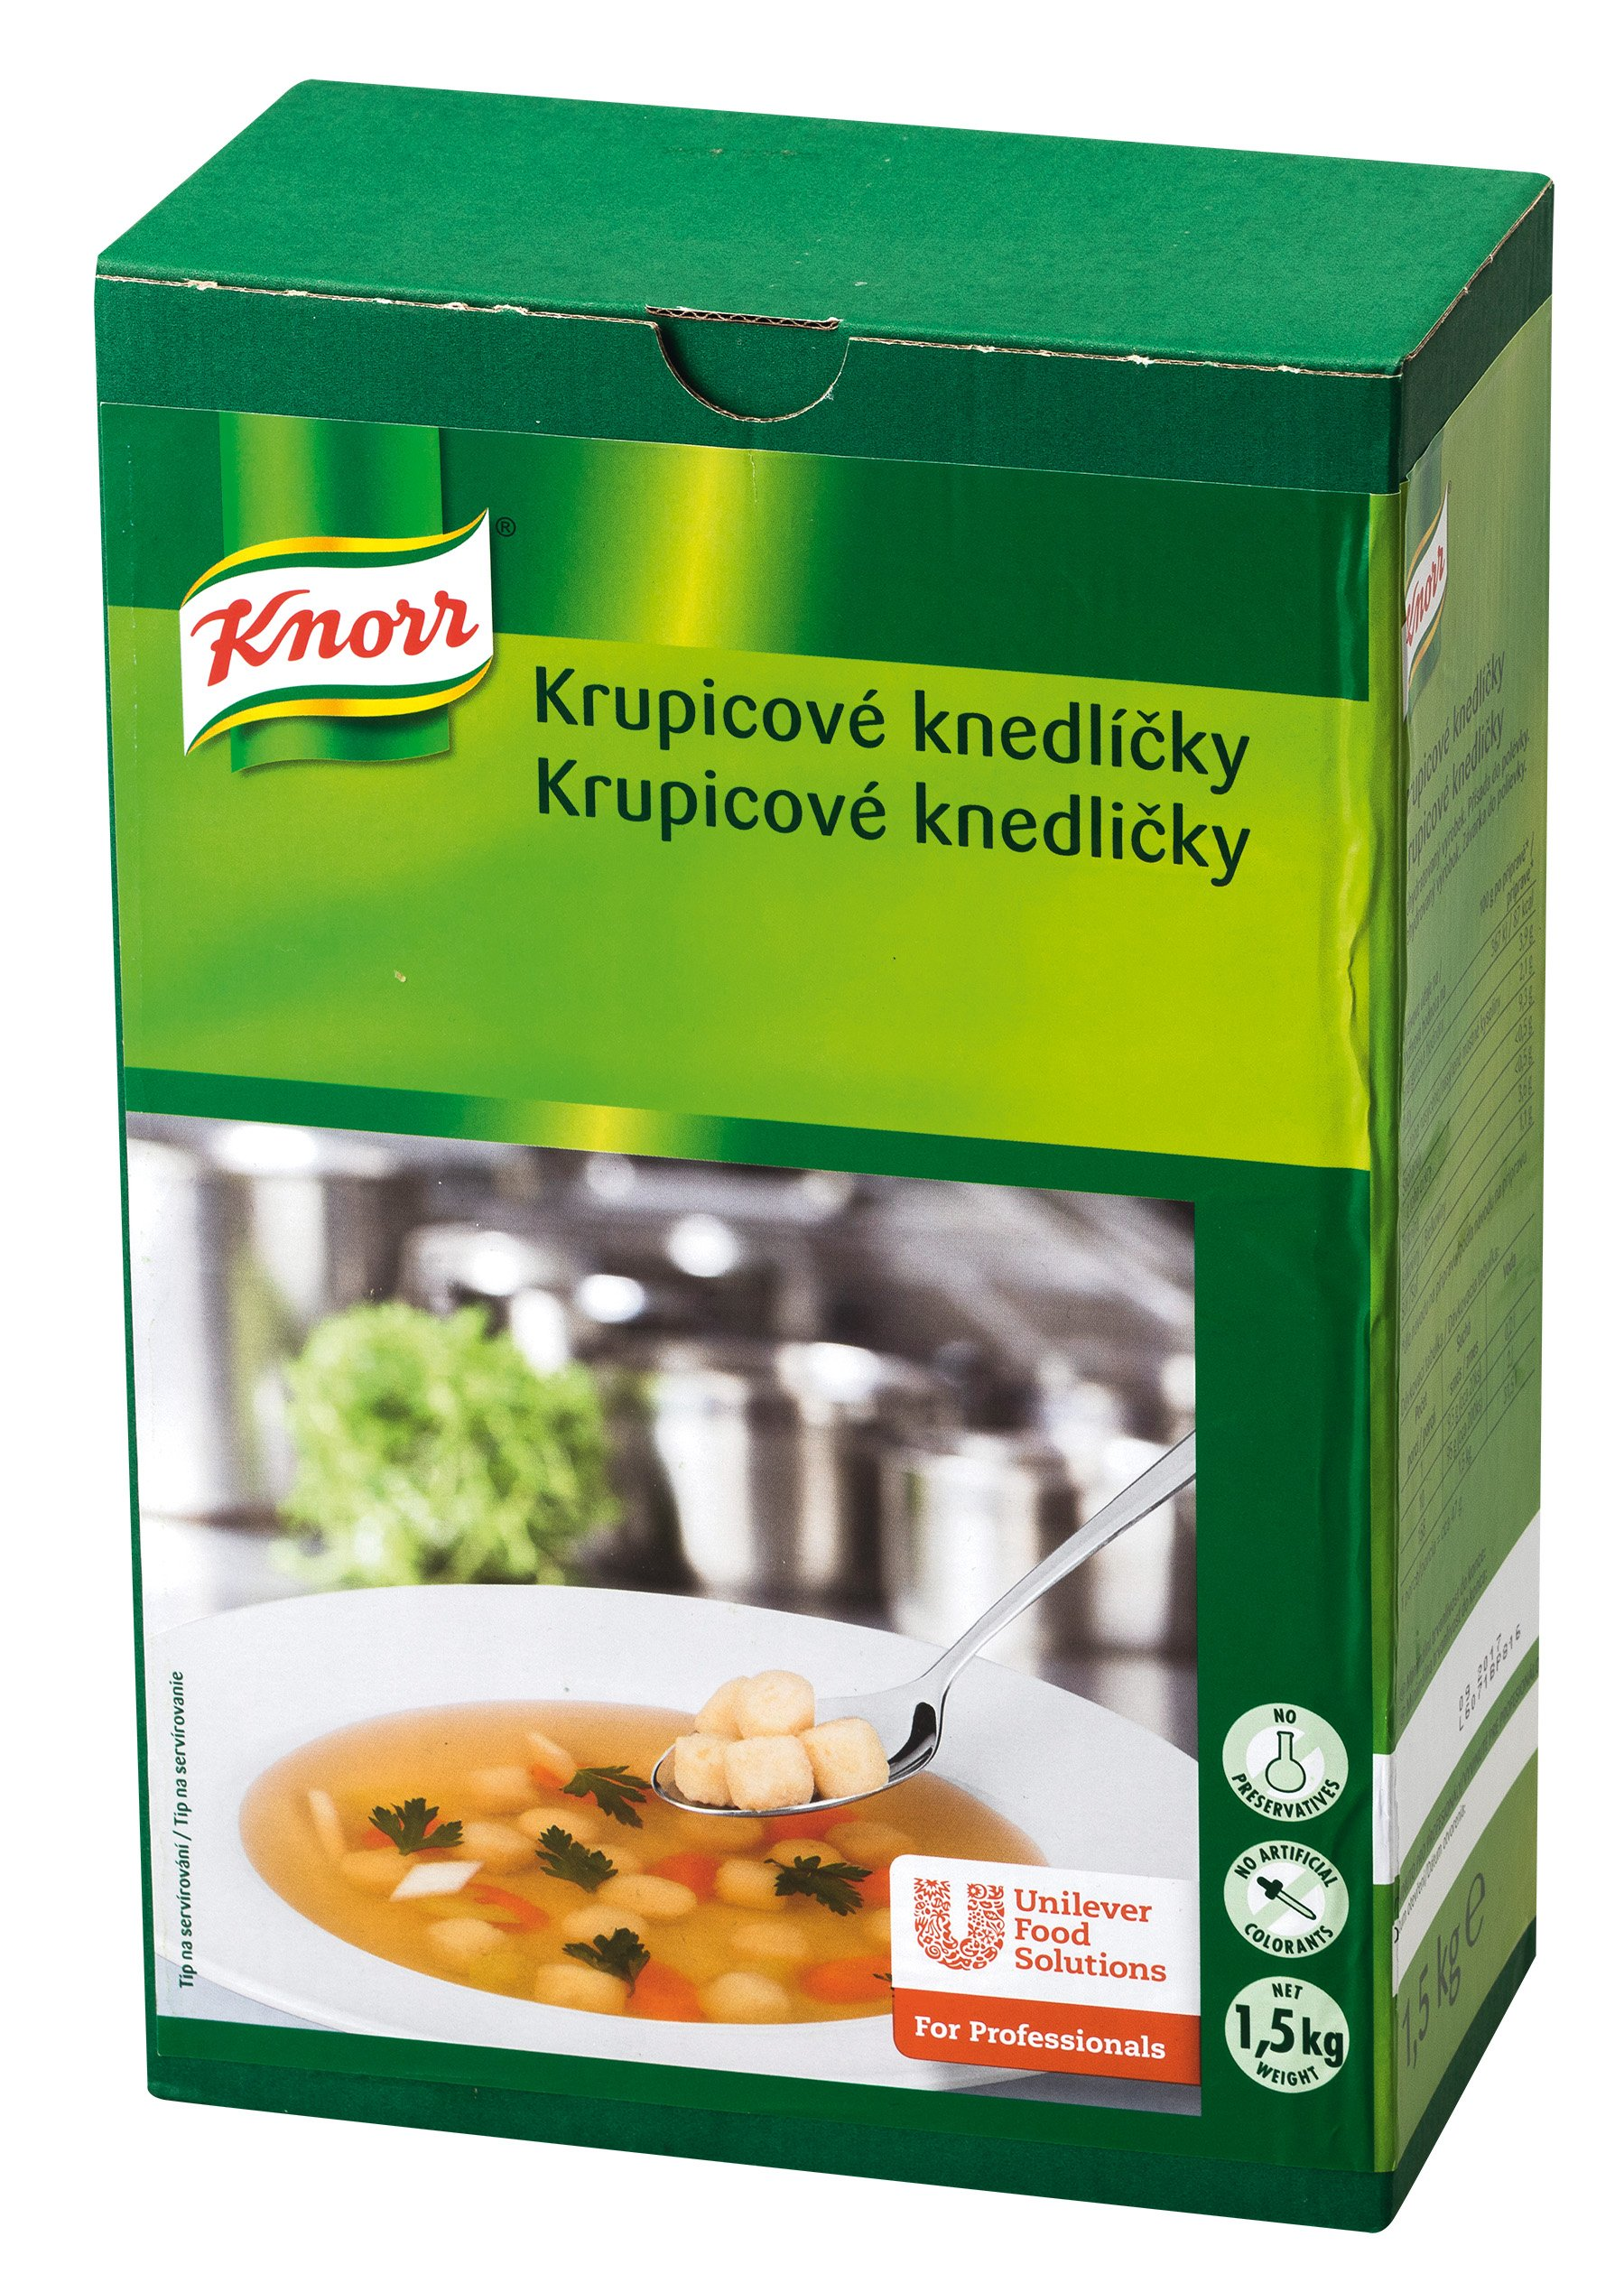 Knorr Krupicové knedlíčky 1,5 kg -